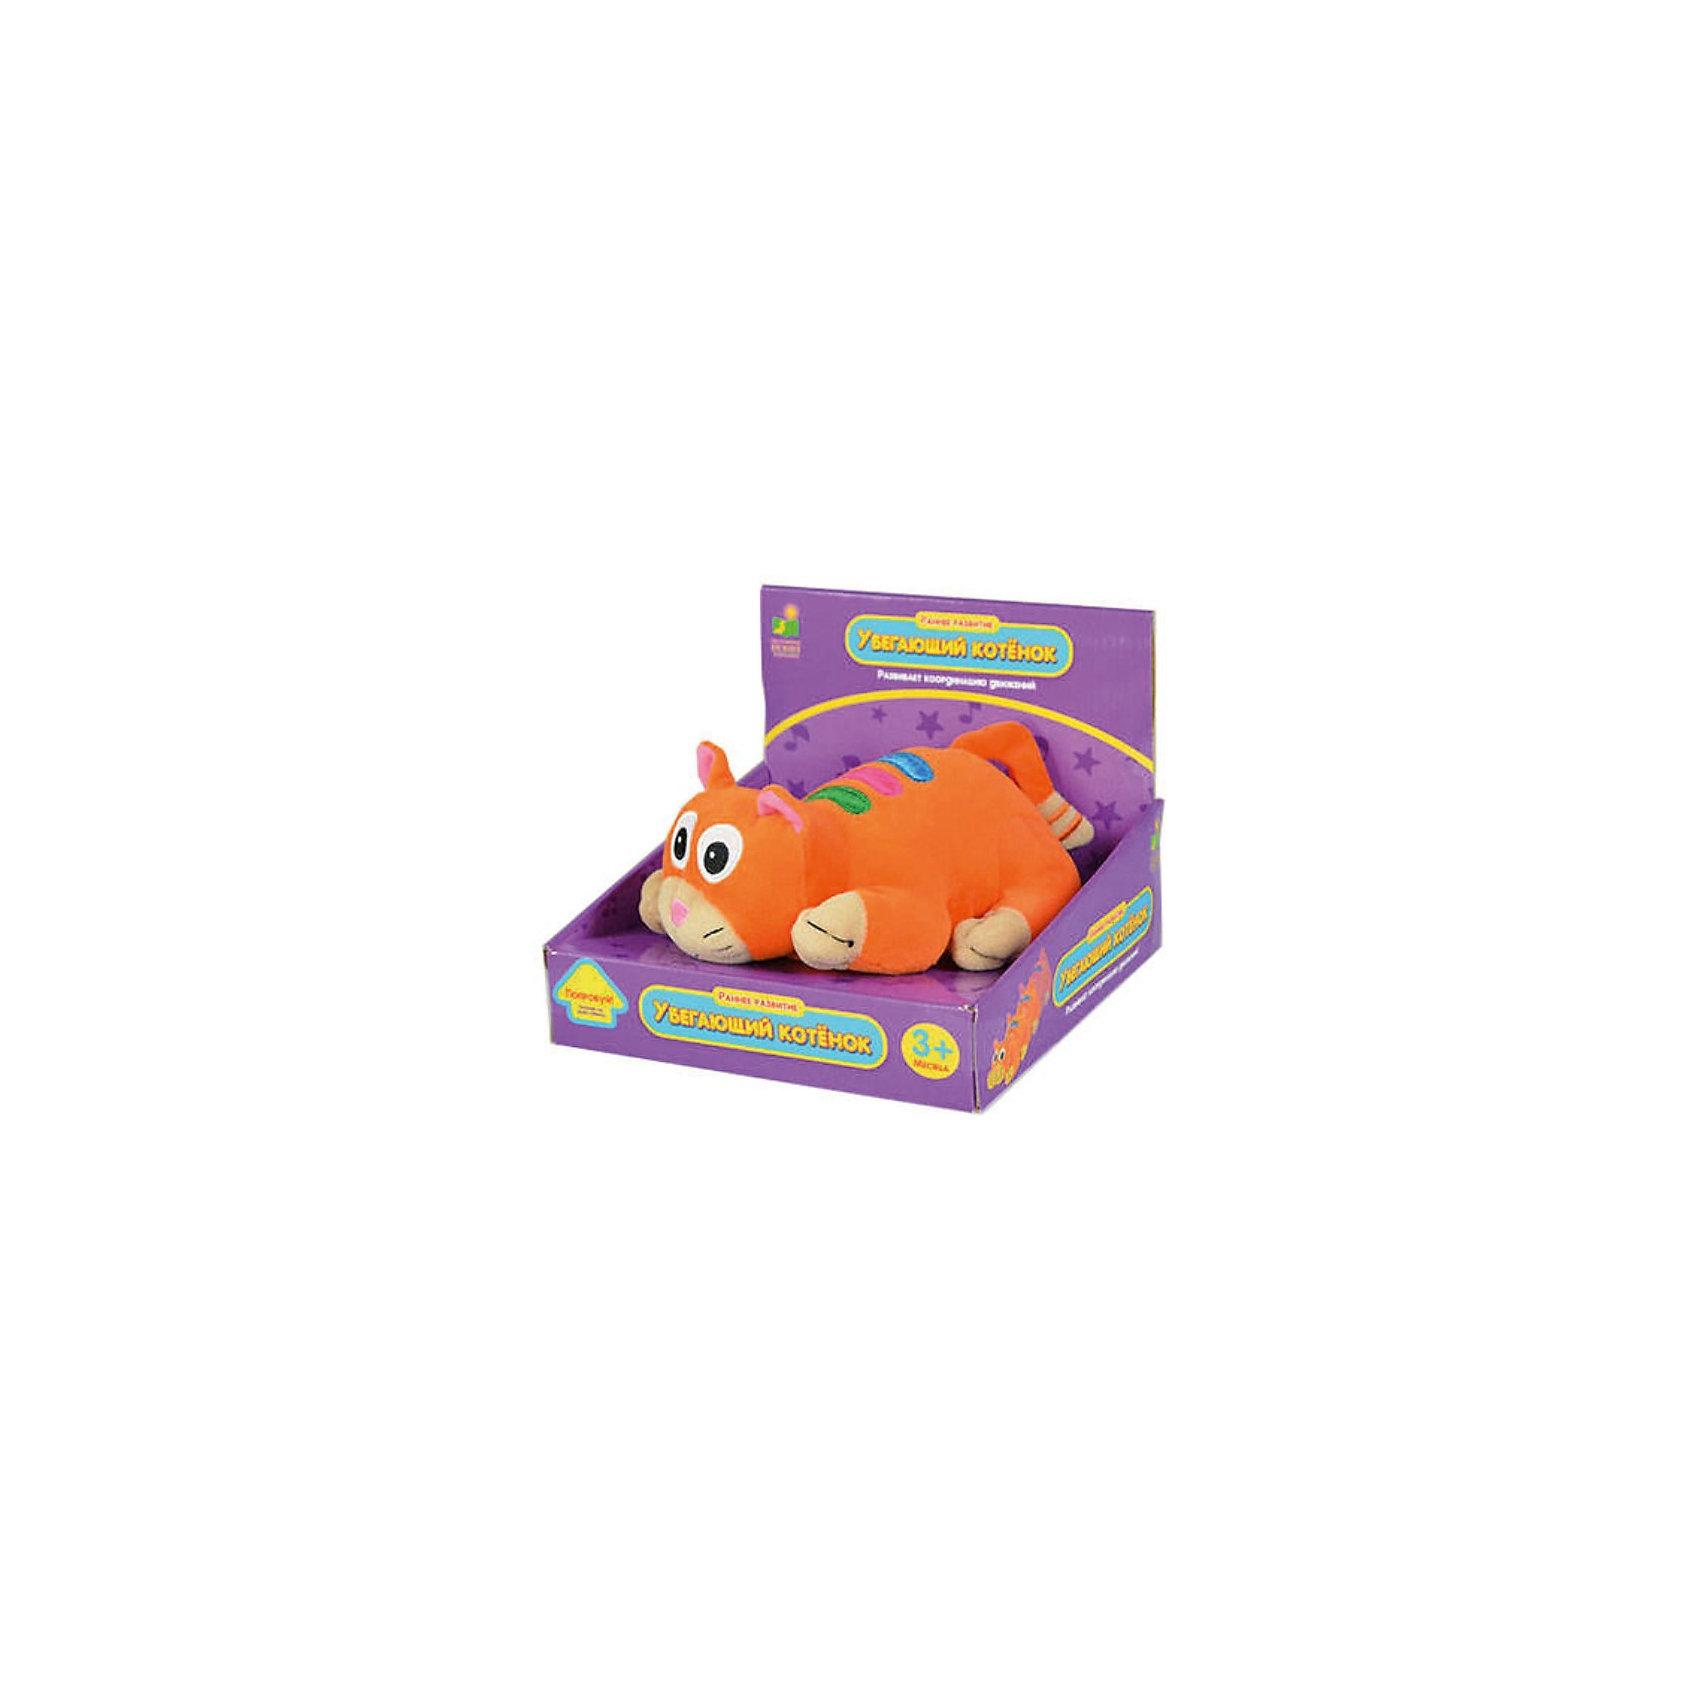 Убегающий котёнок, со звуком, 20 см,  The Learning JourneyУбегающий котенок, The Learning Journey - очаровательная мягкая игрушка, которая обязательно привлечет внимание Вашего малыша. Забавный котенок оранжевого цвета с разноцветными полосками на спинке выполнен из мягкого, приятного на ощупь материала. <br>У игрушки имеются звуковые эффекты: щенок проигрывает 12 веселых мелодий, что станет приятным сюрпризом для ребенка. Кроме того щенок может двигаться и убегать от малыша. Ползая за щеночком и пытаясь его догнать ребенок будет развивать мышцы рук и ног, а также свой слух.<br><br>Дополнительная информация:<br><br>- Требуются батарейки: 2 x AA / LR6 1.5V (пальчиковые) (входят в комплект).<br>- Материал: текстиль, пластик.<br>- Высота игрушки: 20 см.<br>- Размер упаковки: 19,5 x 15 x 19 см.<br>- Вес: 0,454 кг. <br><br>Игрушку Убегающий котёнок, со звуком, 20 см,  The Learning Journey можно купить в нашем интернет-магазине.<br><br>Ширина мм: 195<br>Глубина мм: 190<br>Высота мм: 150<br>Вес г: 454<br>Возраст от месяцев: 24<br>Возраст до месяцев: 72<br>Пол: Унисекс<br>Возраст: Детский<br>SKU: 3888894